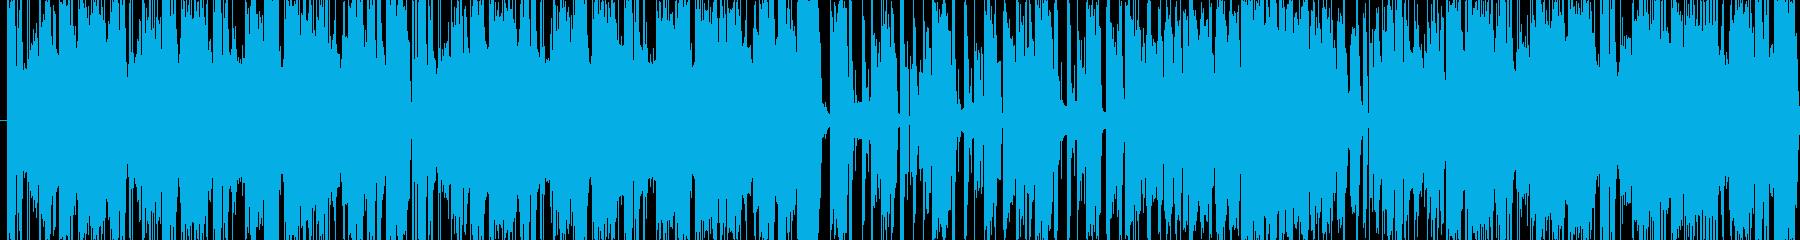 楽しそうな雰囲気の曲を目指して作りまし…の再生済みの波形